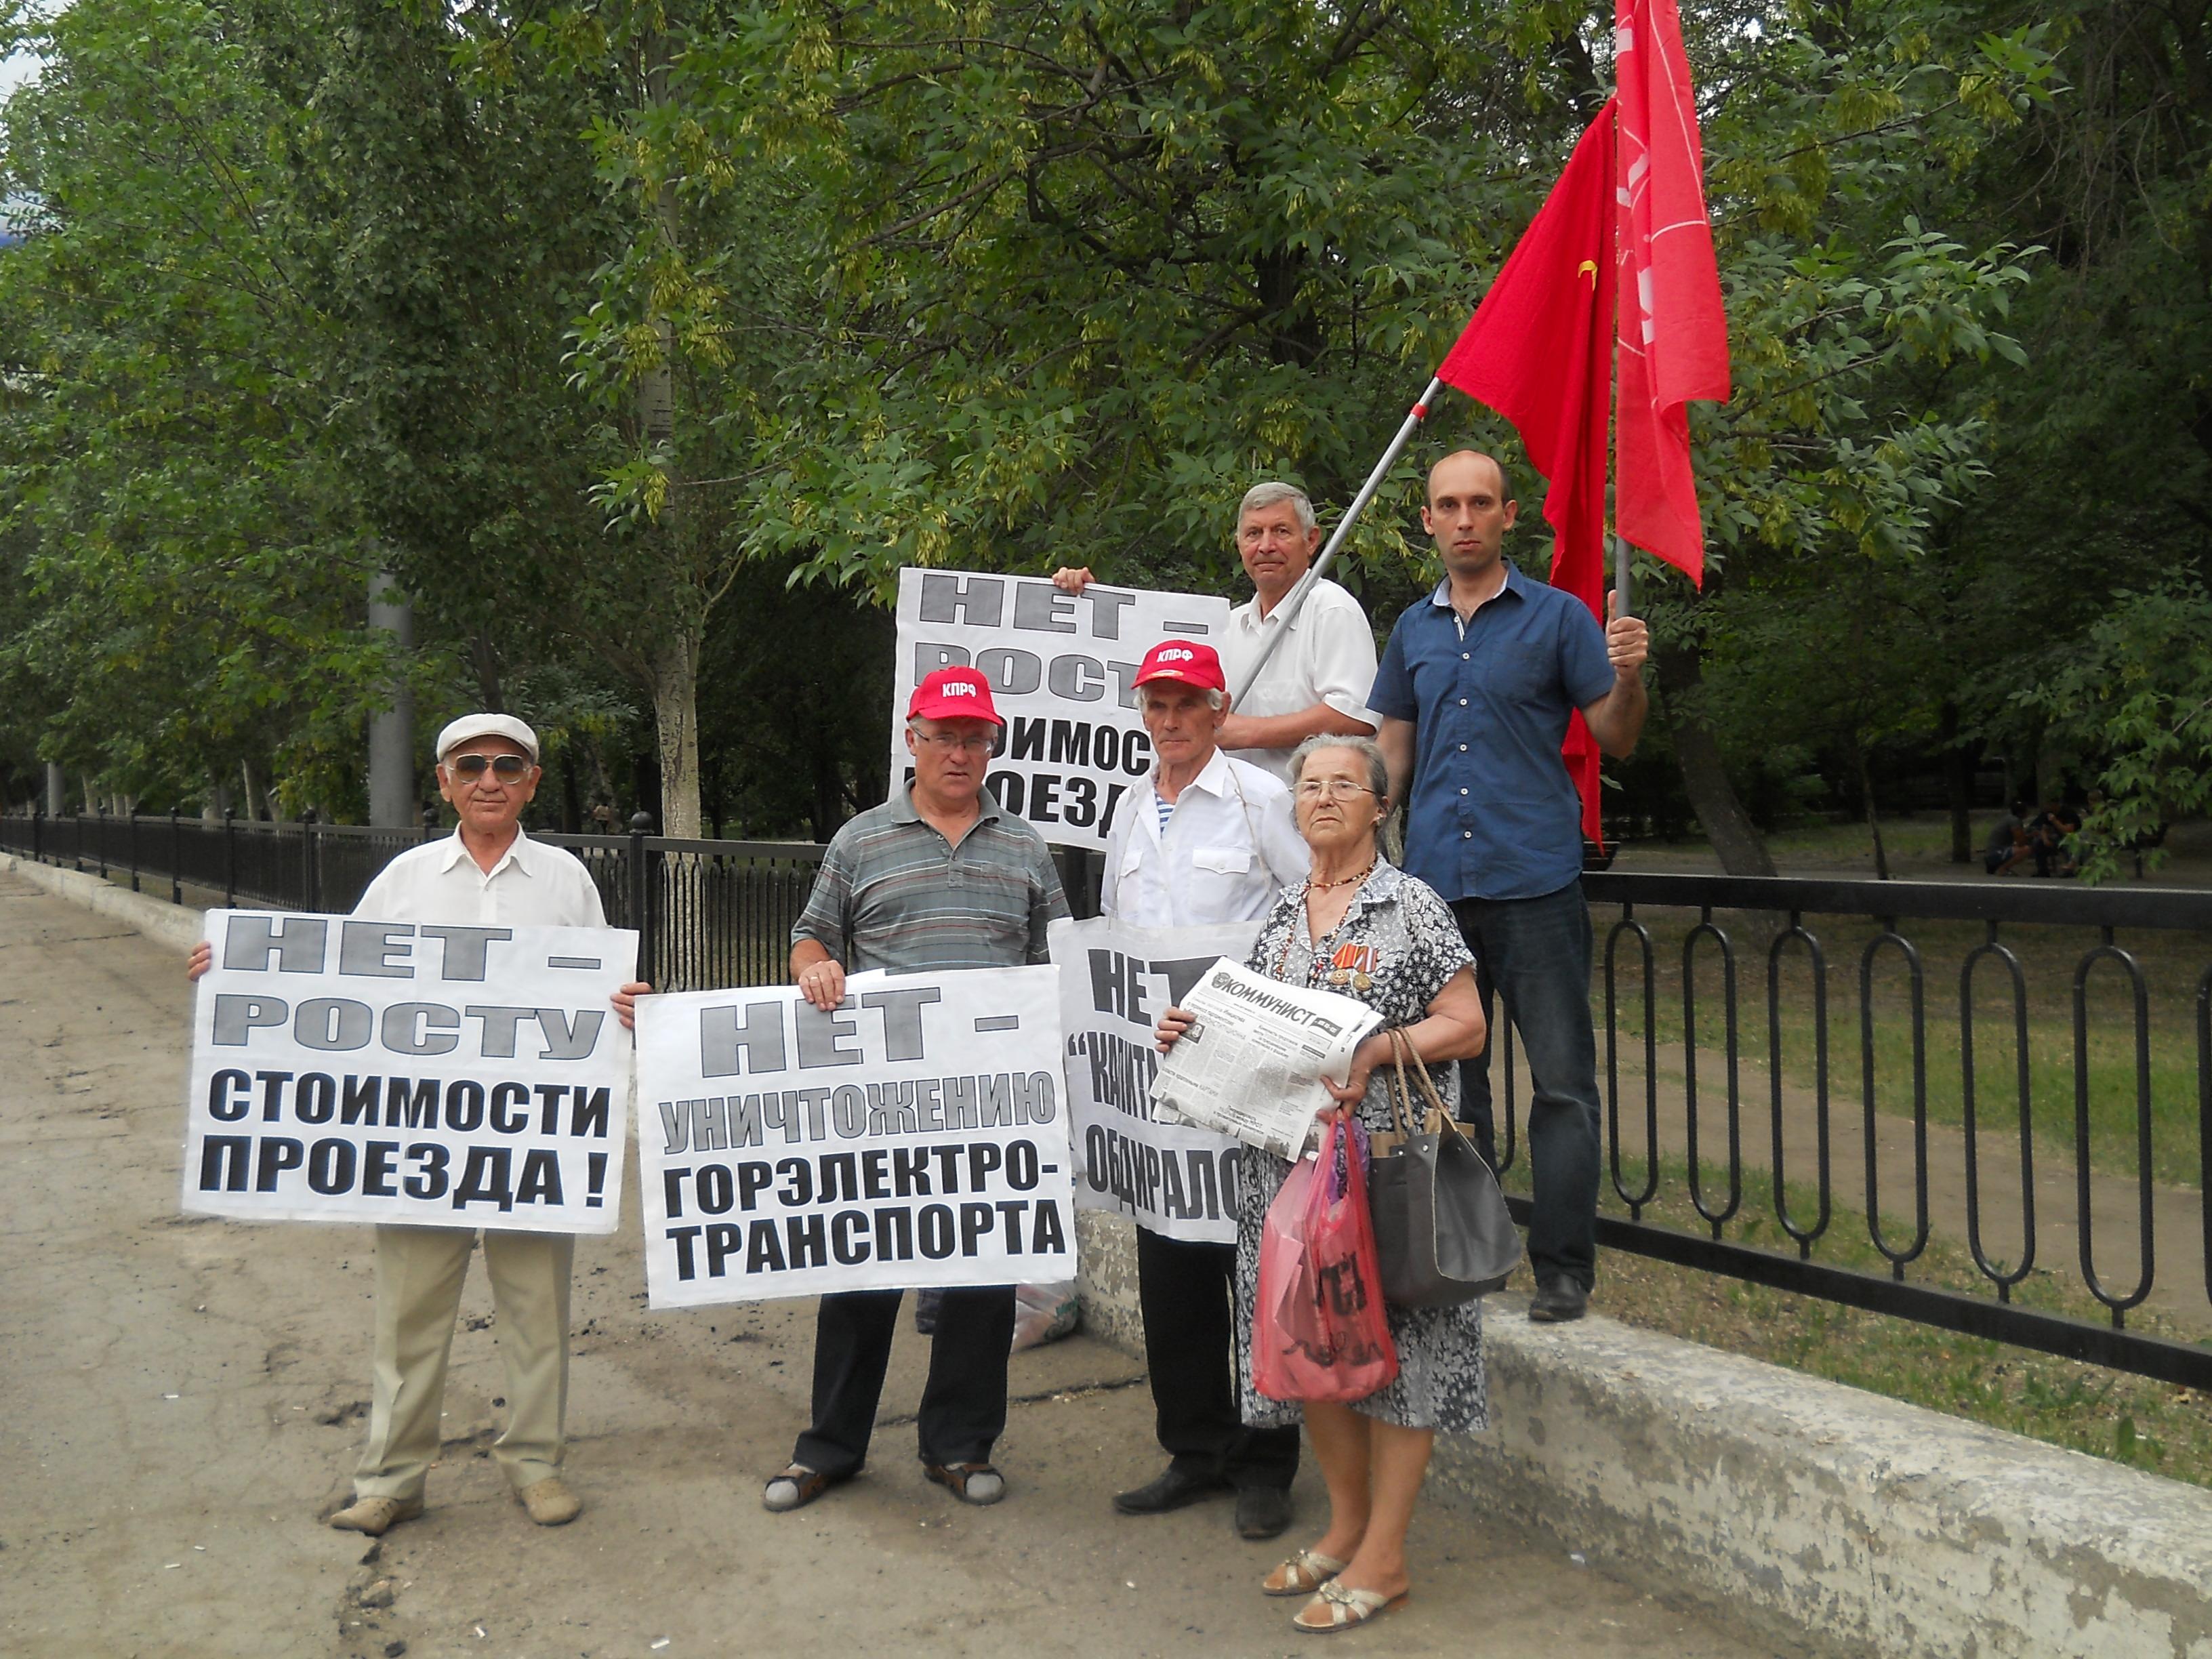 Коммунисты против уничтожения горэлектротранспорта в Саратове